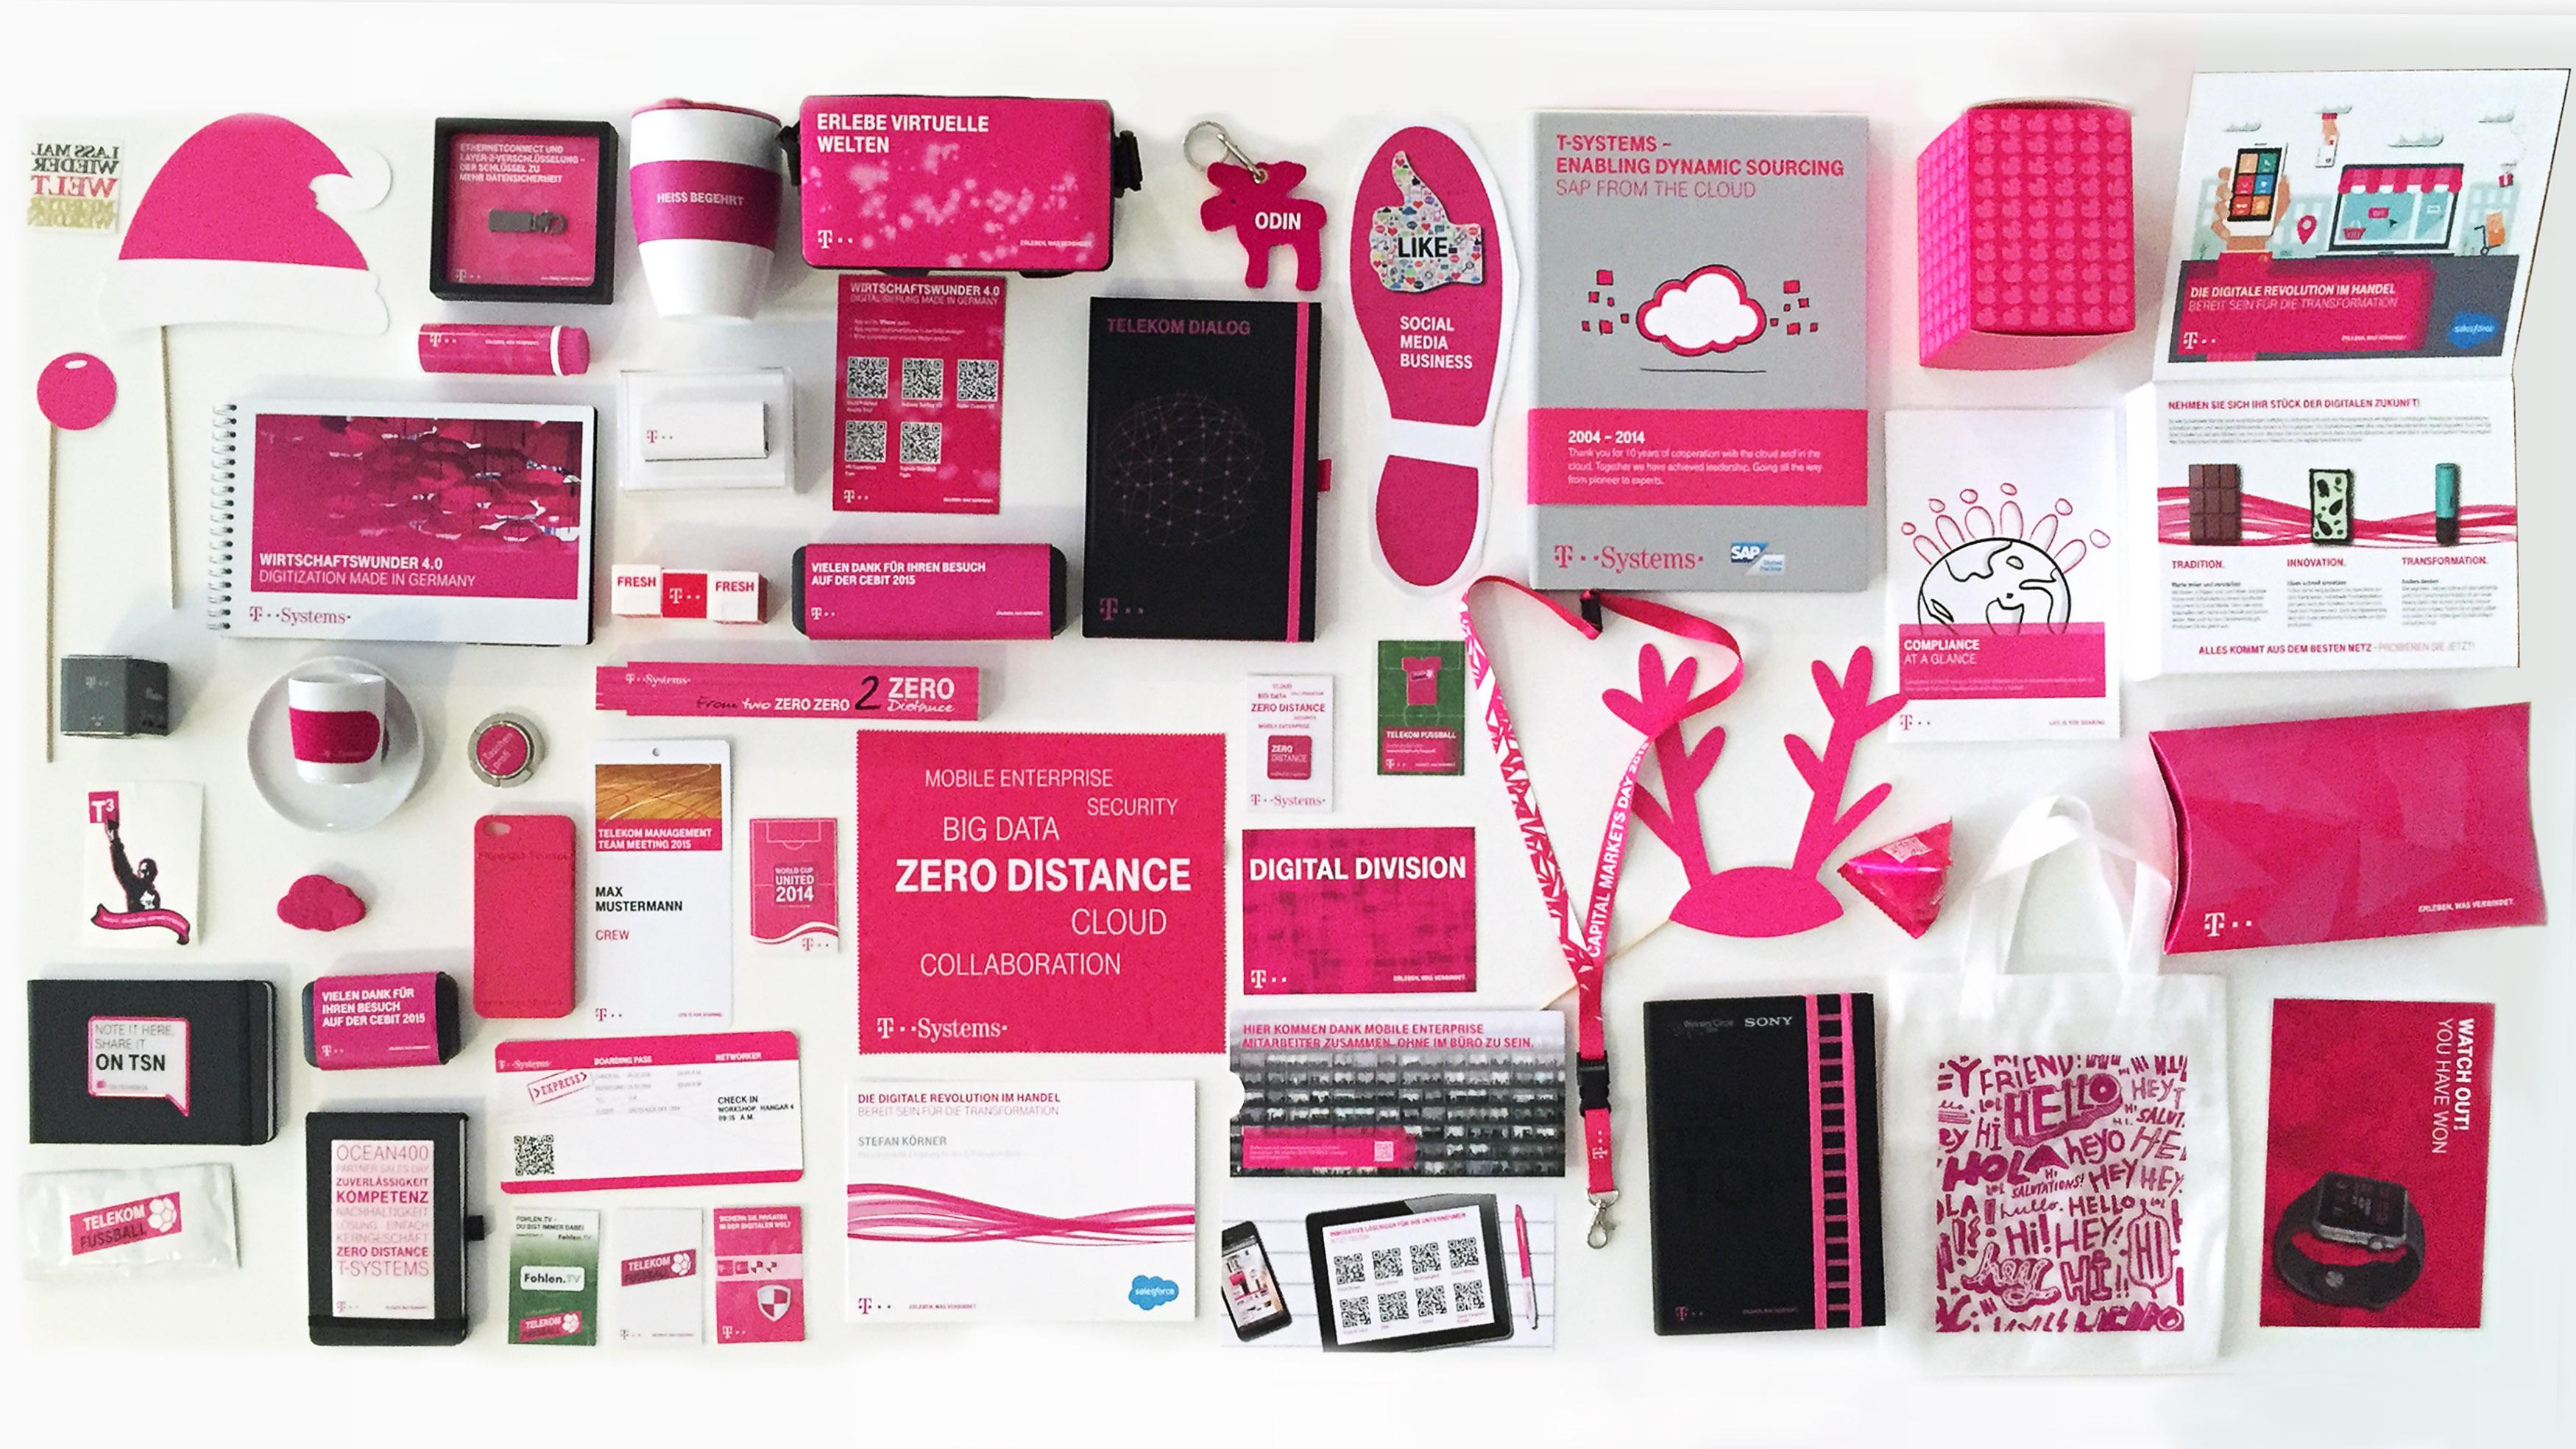 MB Belege Telekom Werbemittel